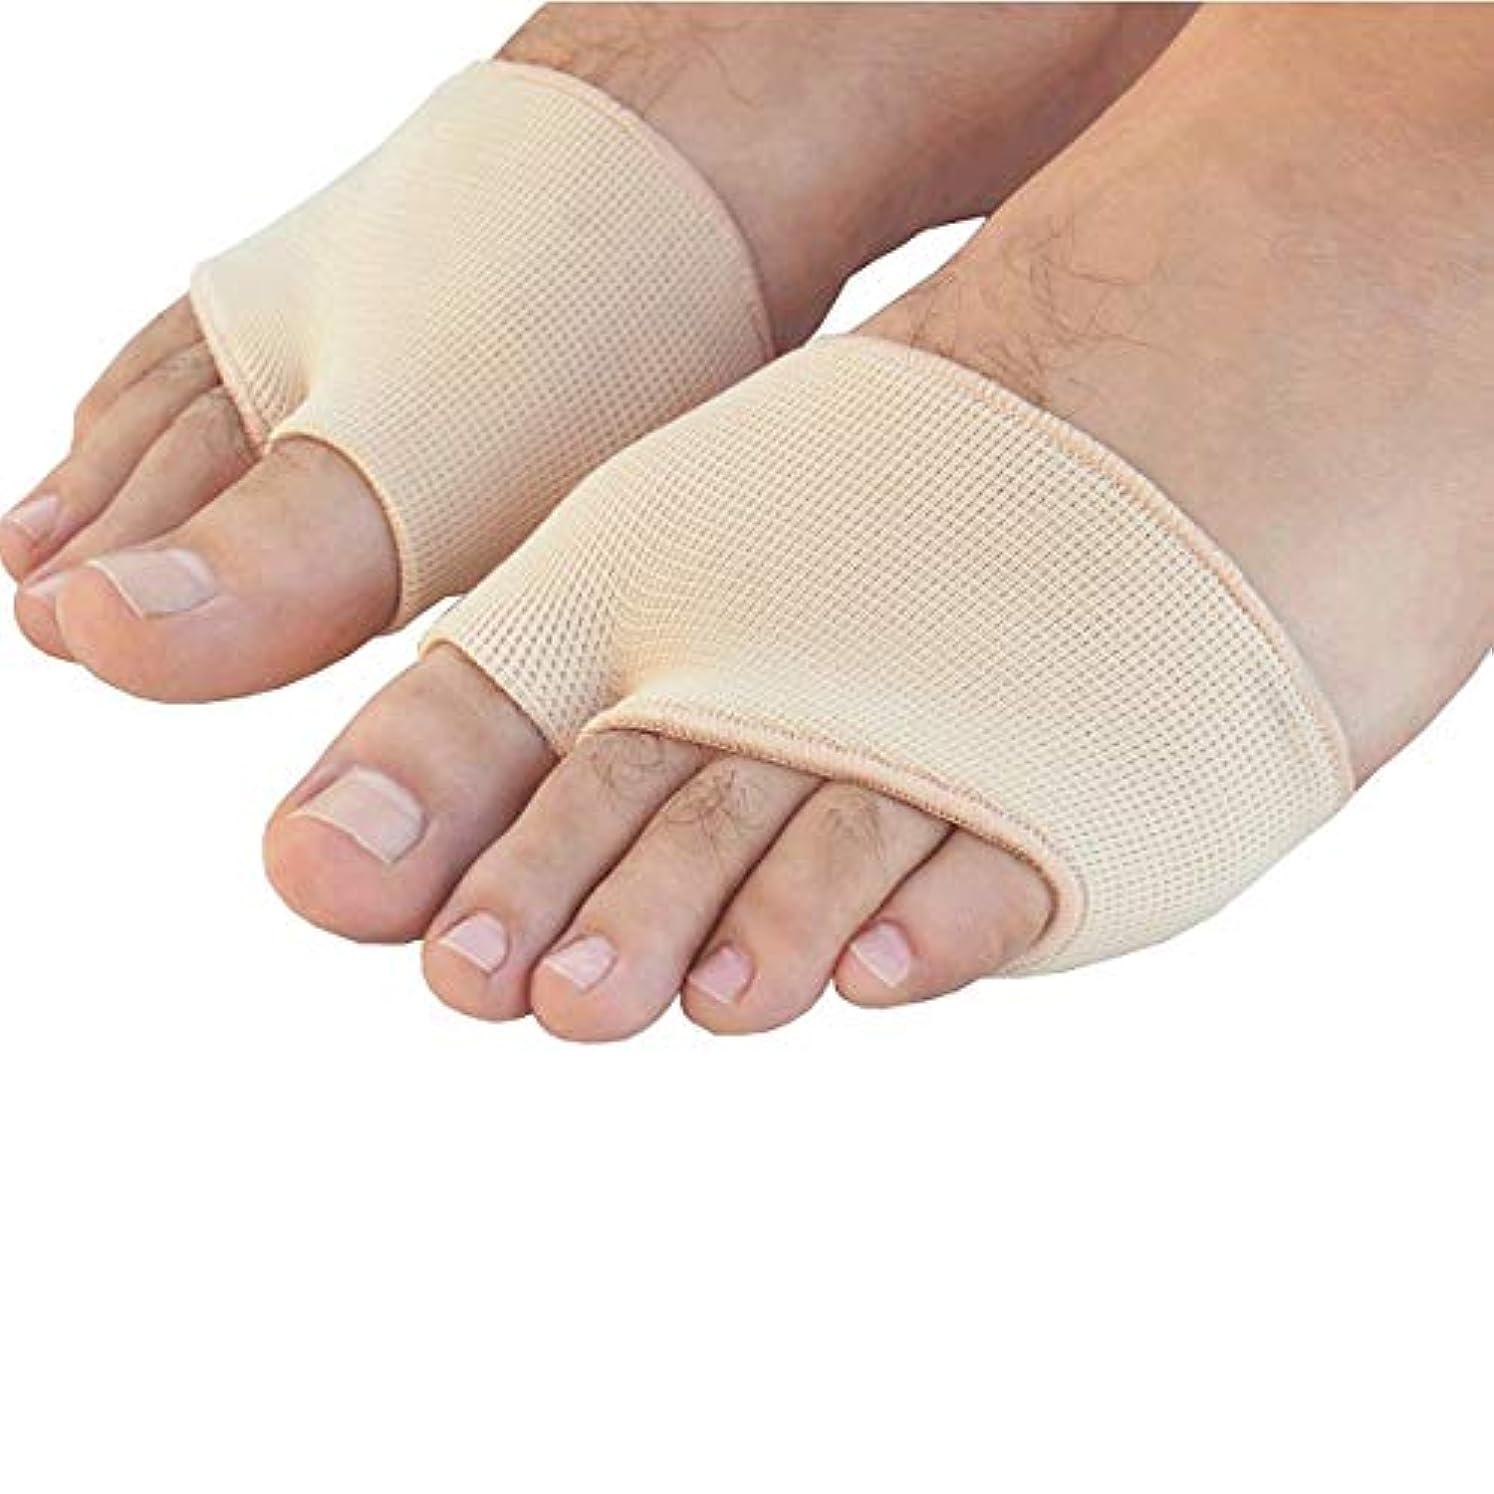 アシュリータファーマン団結驚かすROSENICE ゲルの前足中足骨の痛み救済吸収クッション パッド サイズL (肌の色)